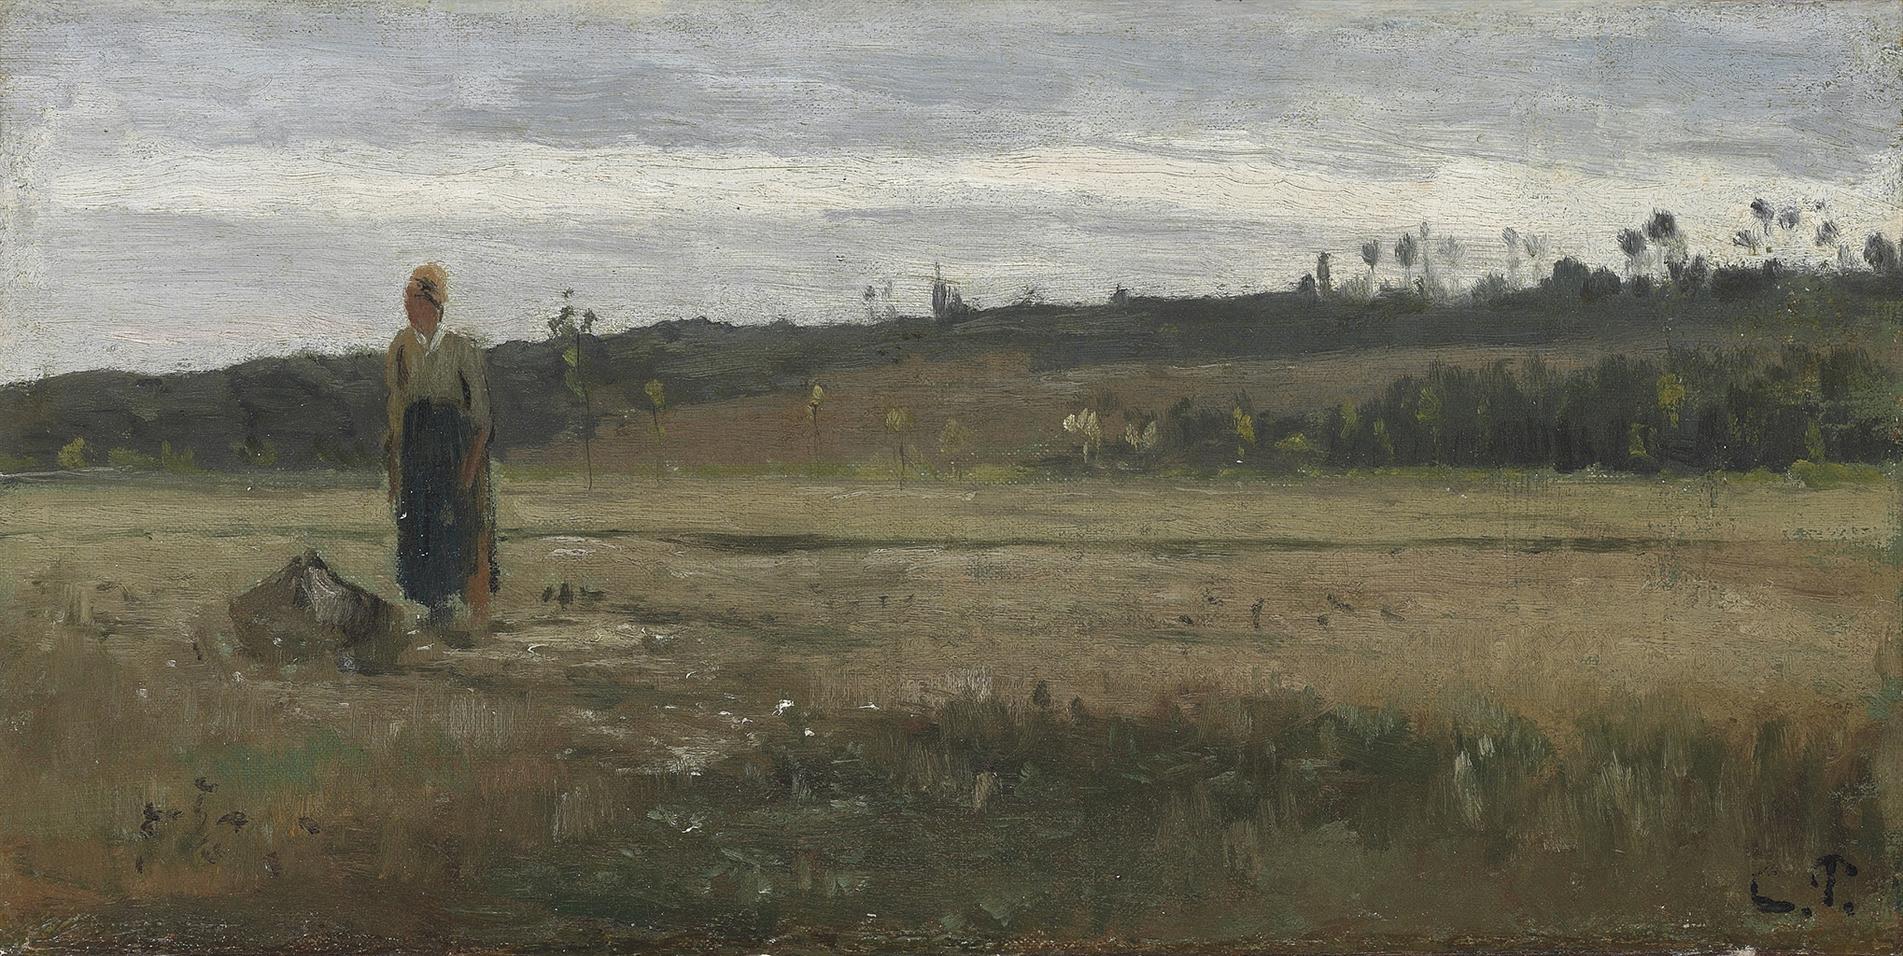 Camille Pissarro-Paysanne Dans Un Champ, La Varenne-Saint-Hilaire-1865